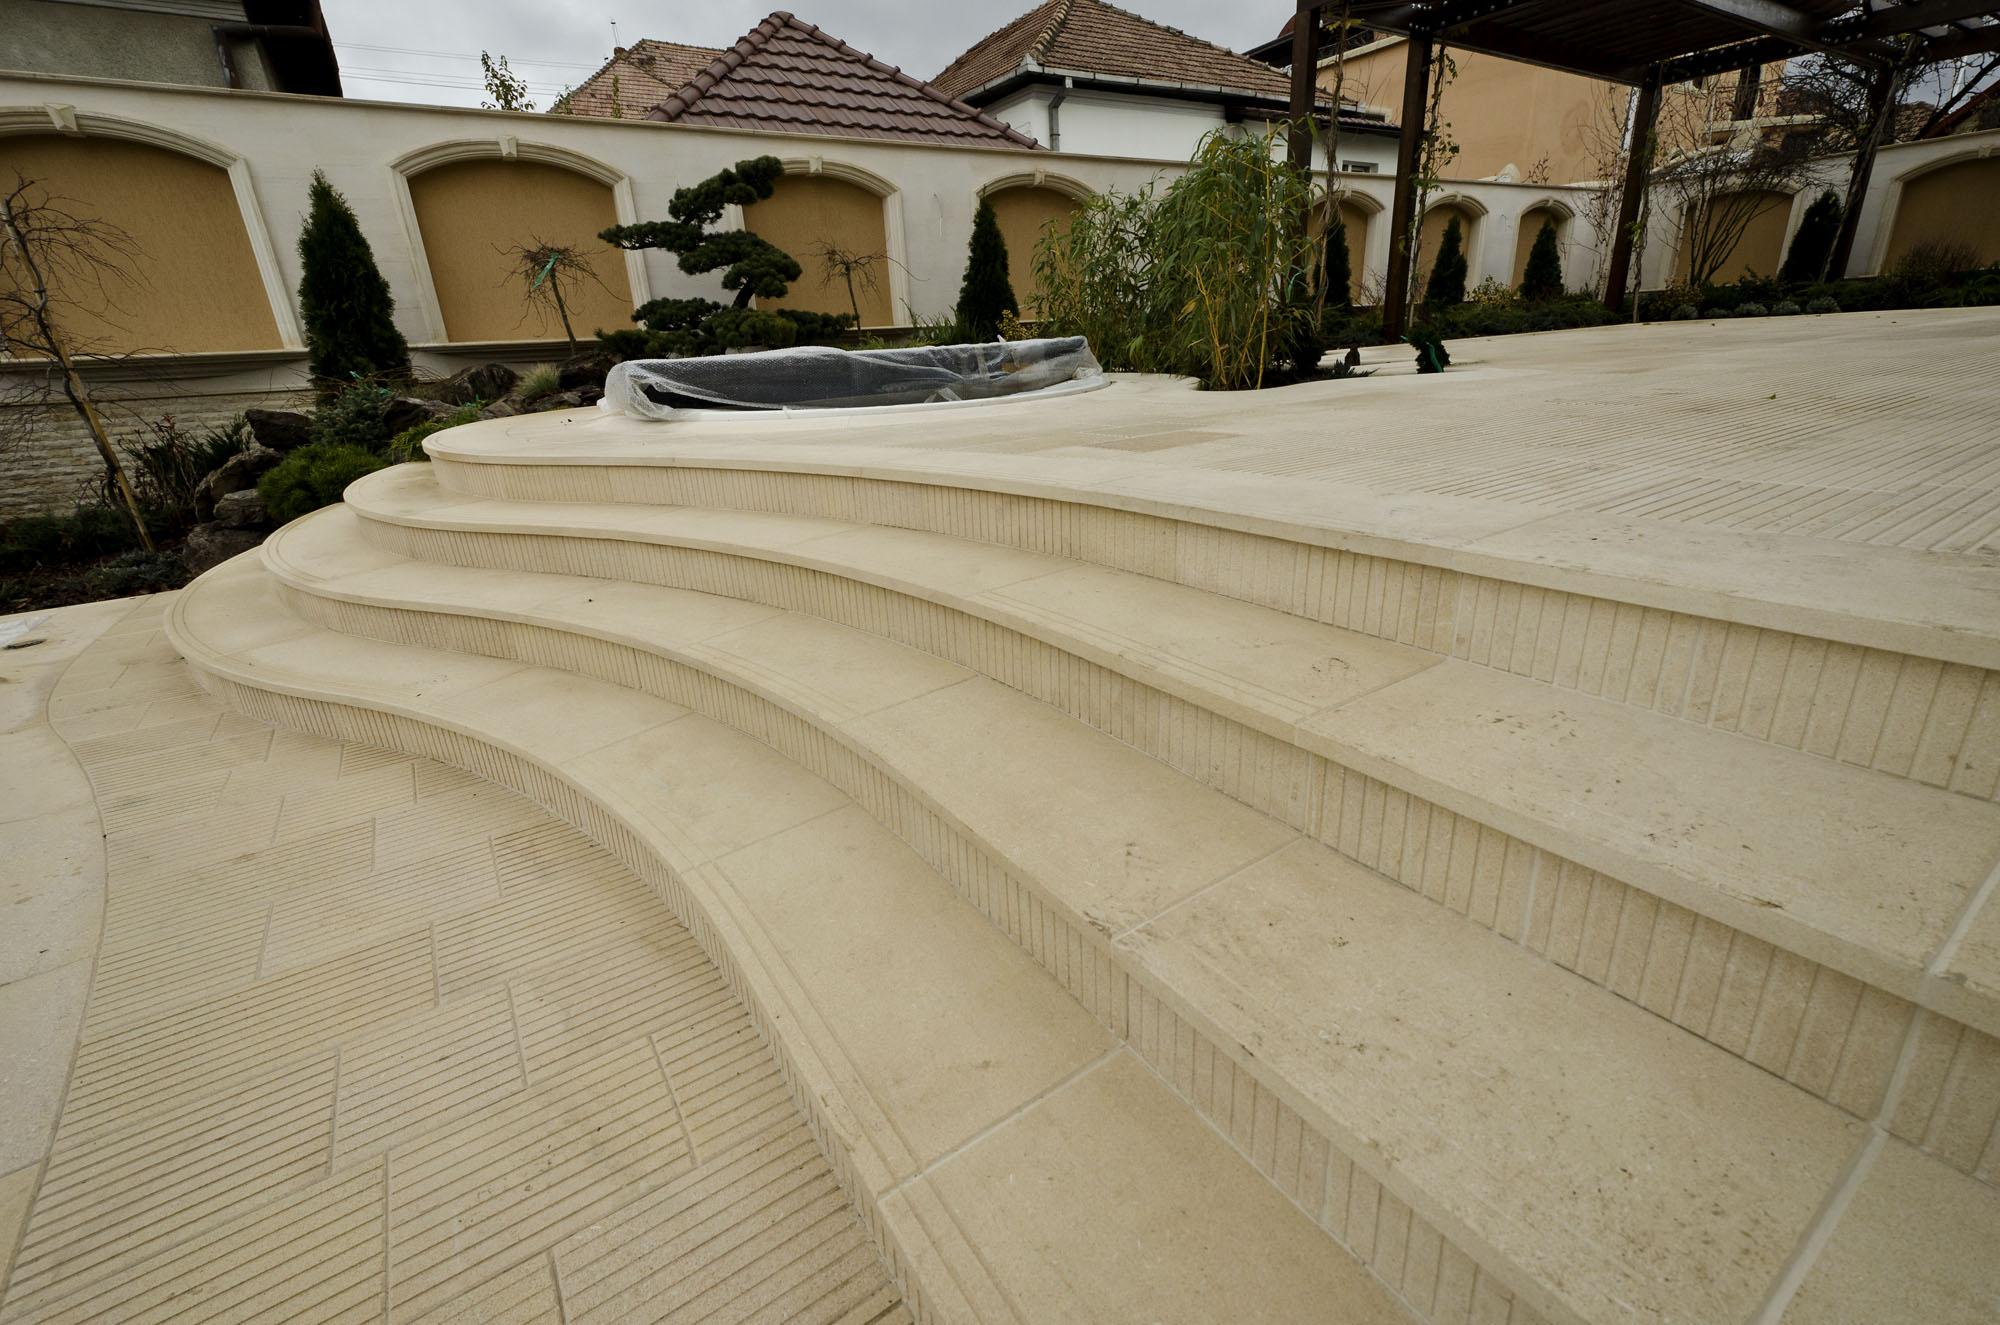 Trepte/Placaje din piatra naturala de Vistea LEVENTE COMPANIE - Poza 36